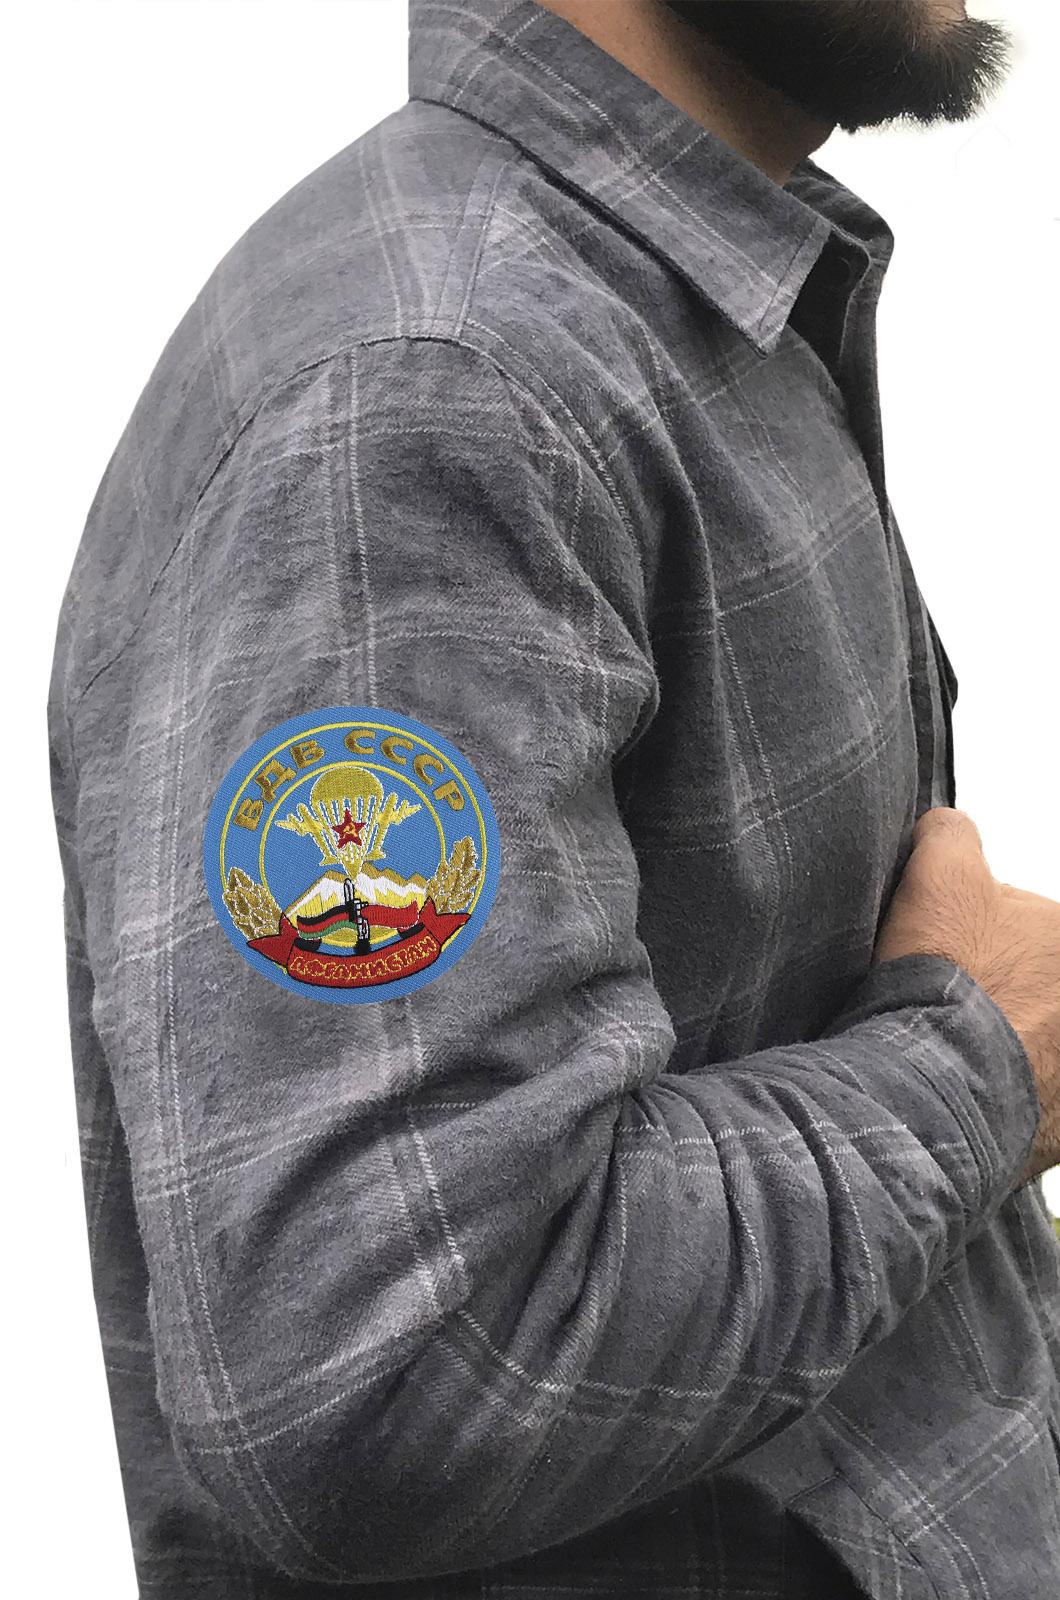 Утепленная рубашка с вышитым шевроном ВДВ СССР Афганистан - заказать оптом